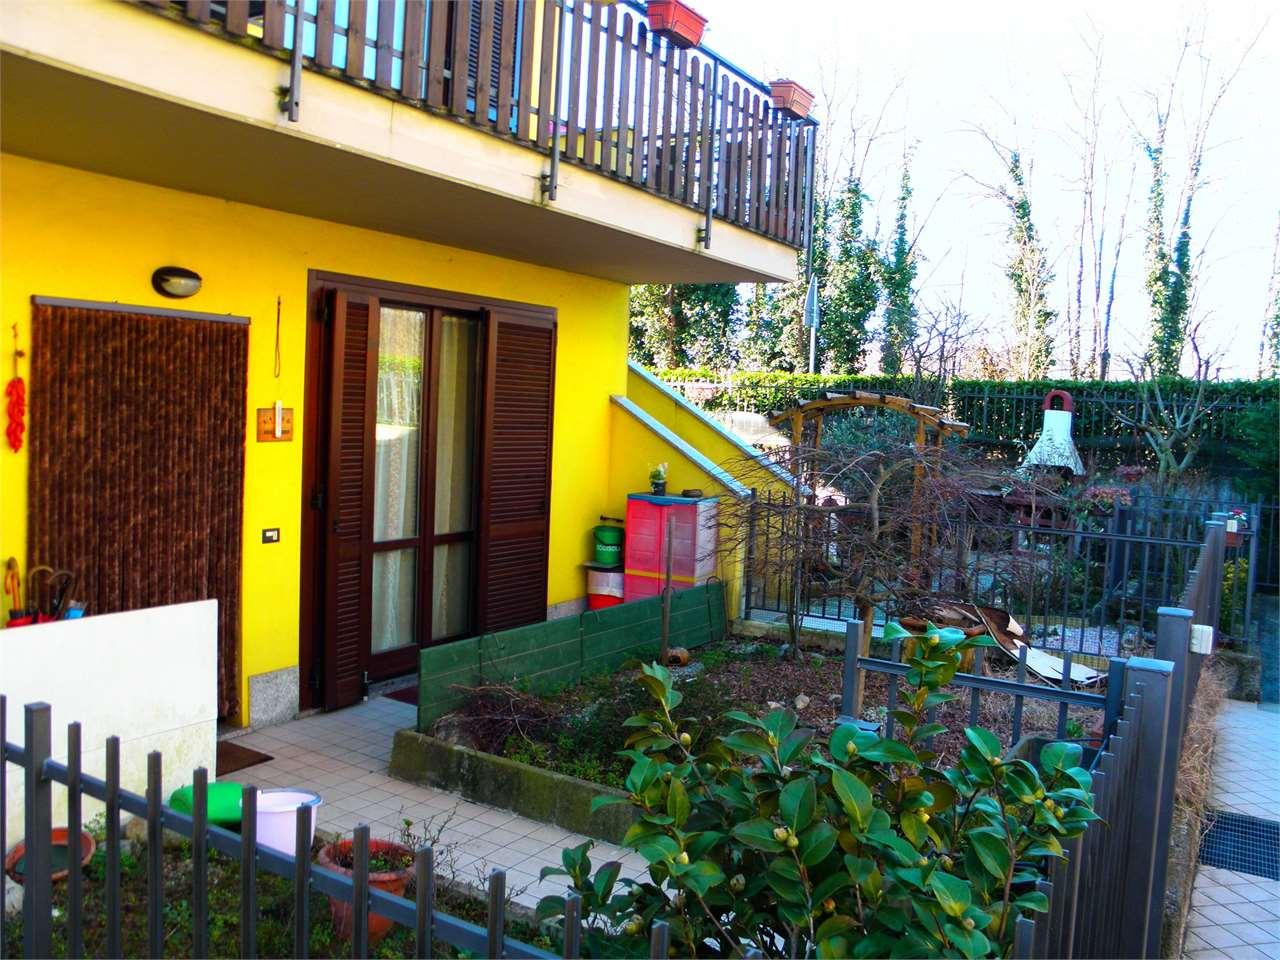 Appartamento in vendita a Filago, 3 locali, zona Zona: Marne, prezzo € 149.000 | CambioCasa.it